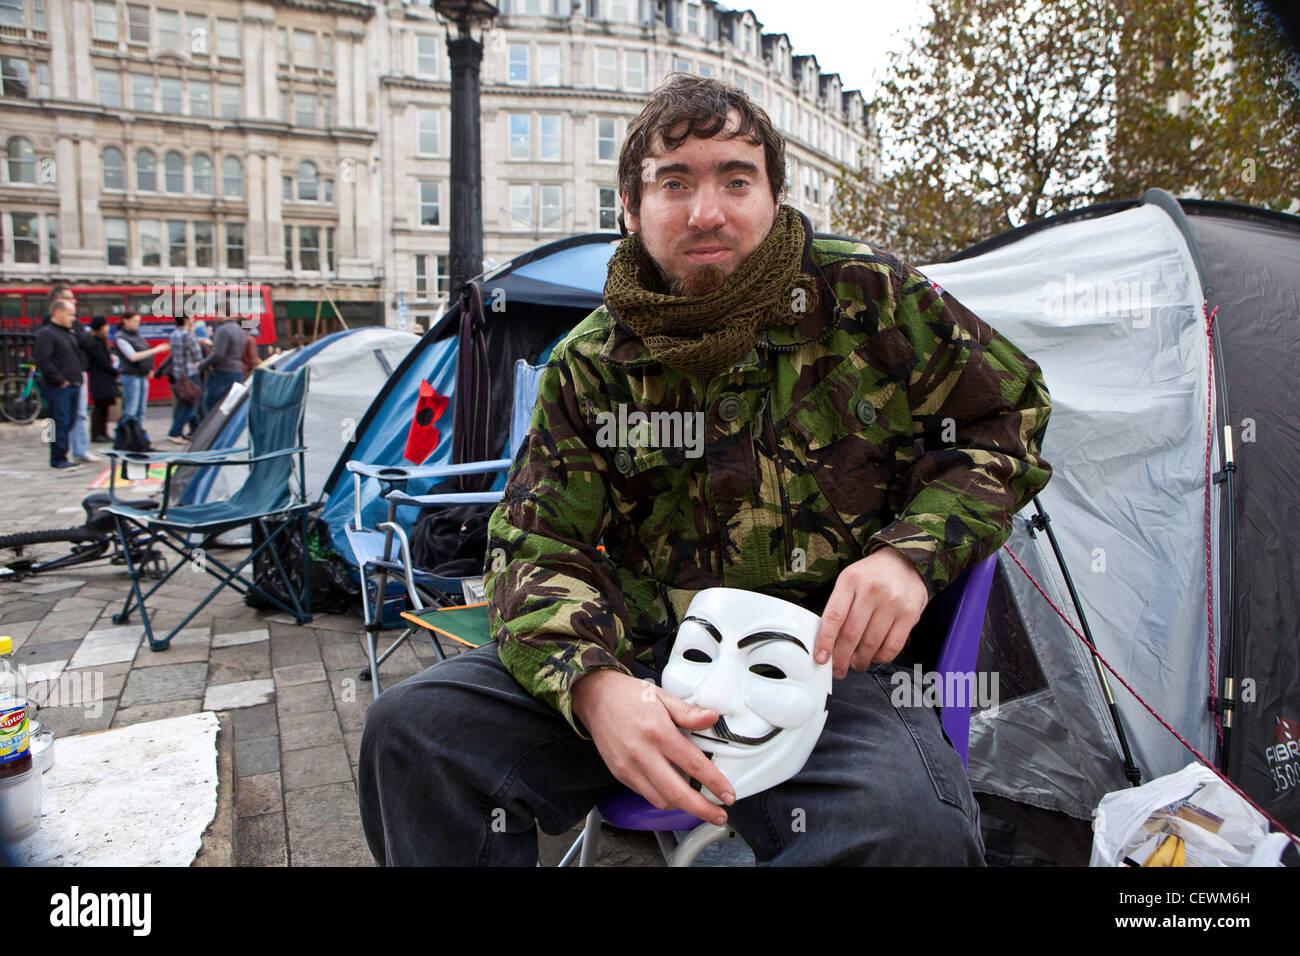 Tristan boschi protester a occupare Londra protesta OSLX seduto fuori della sua tenda. Immagini Stock